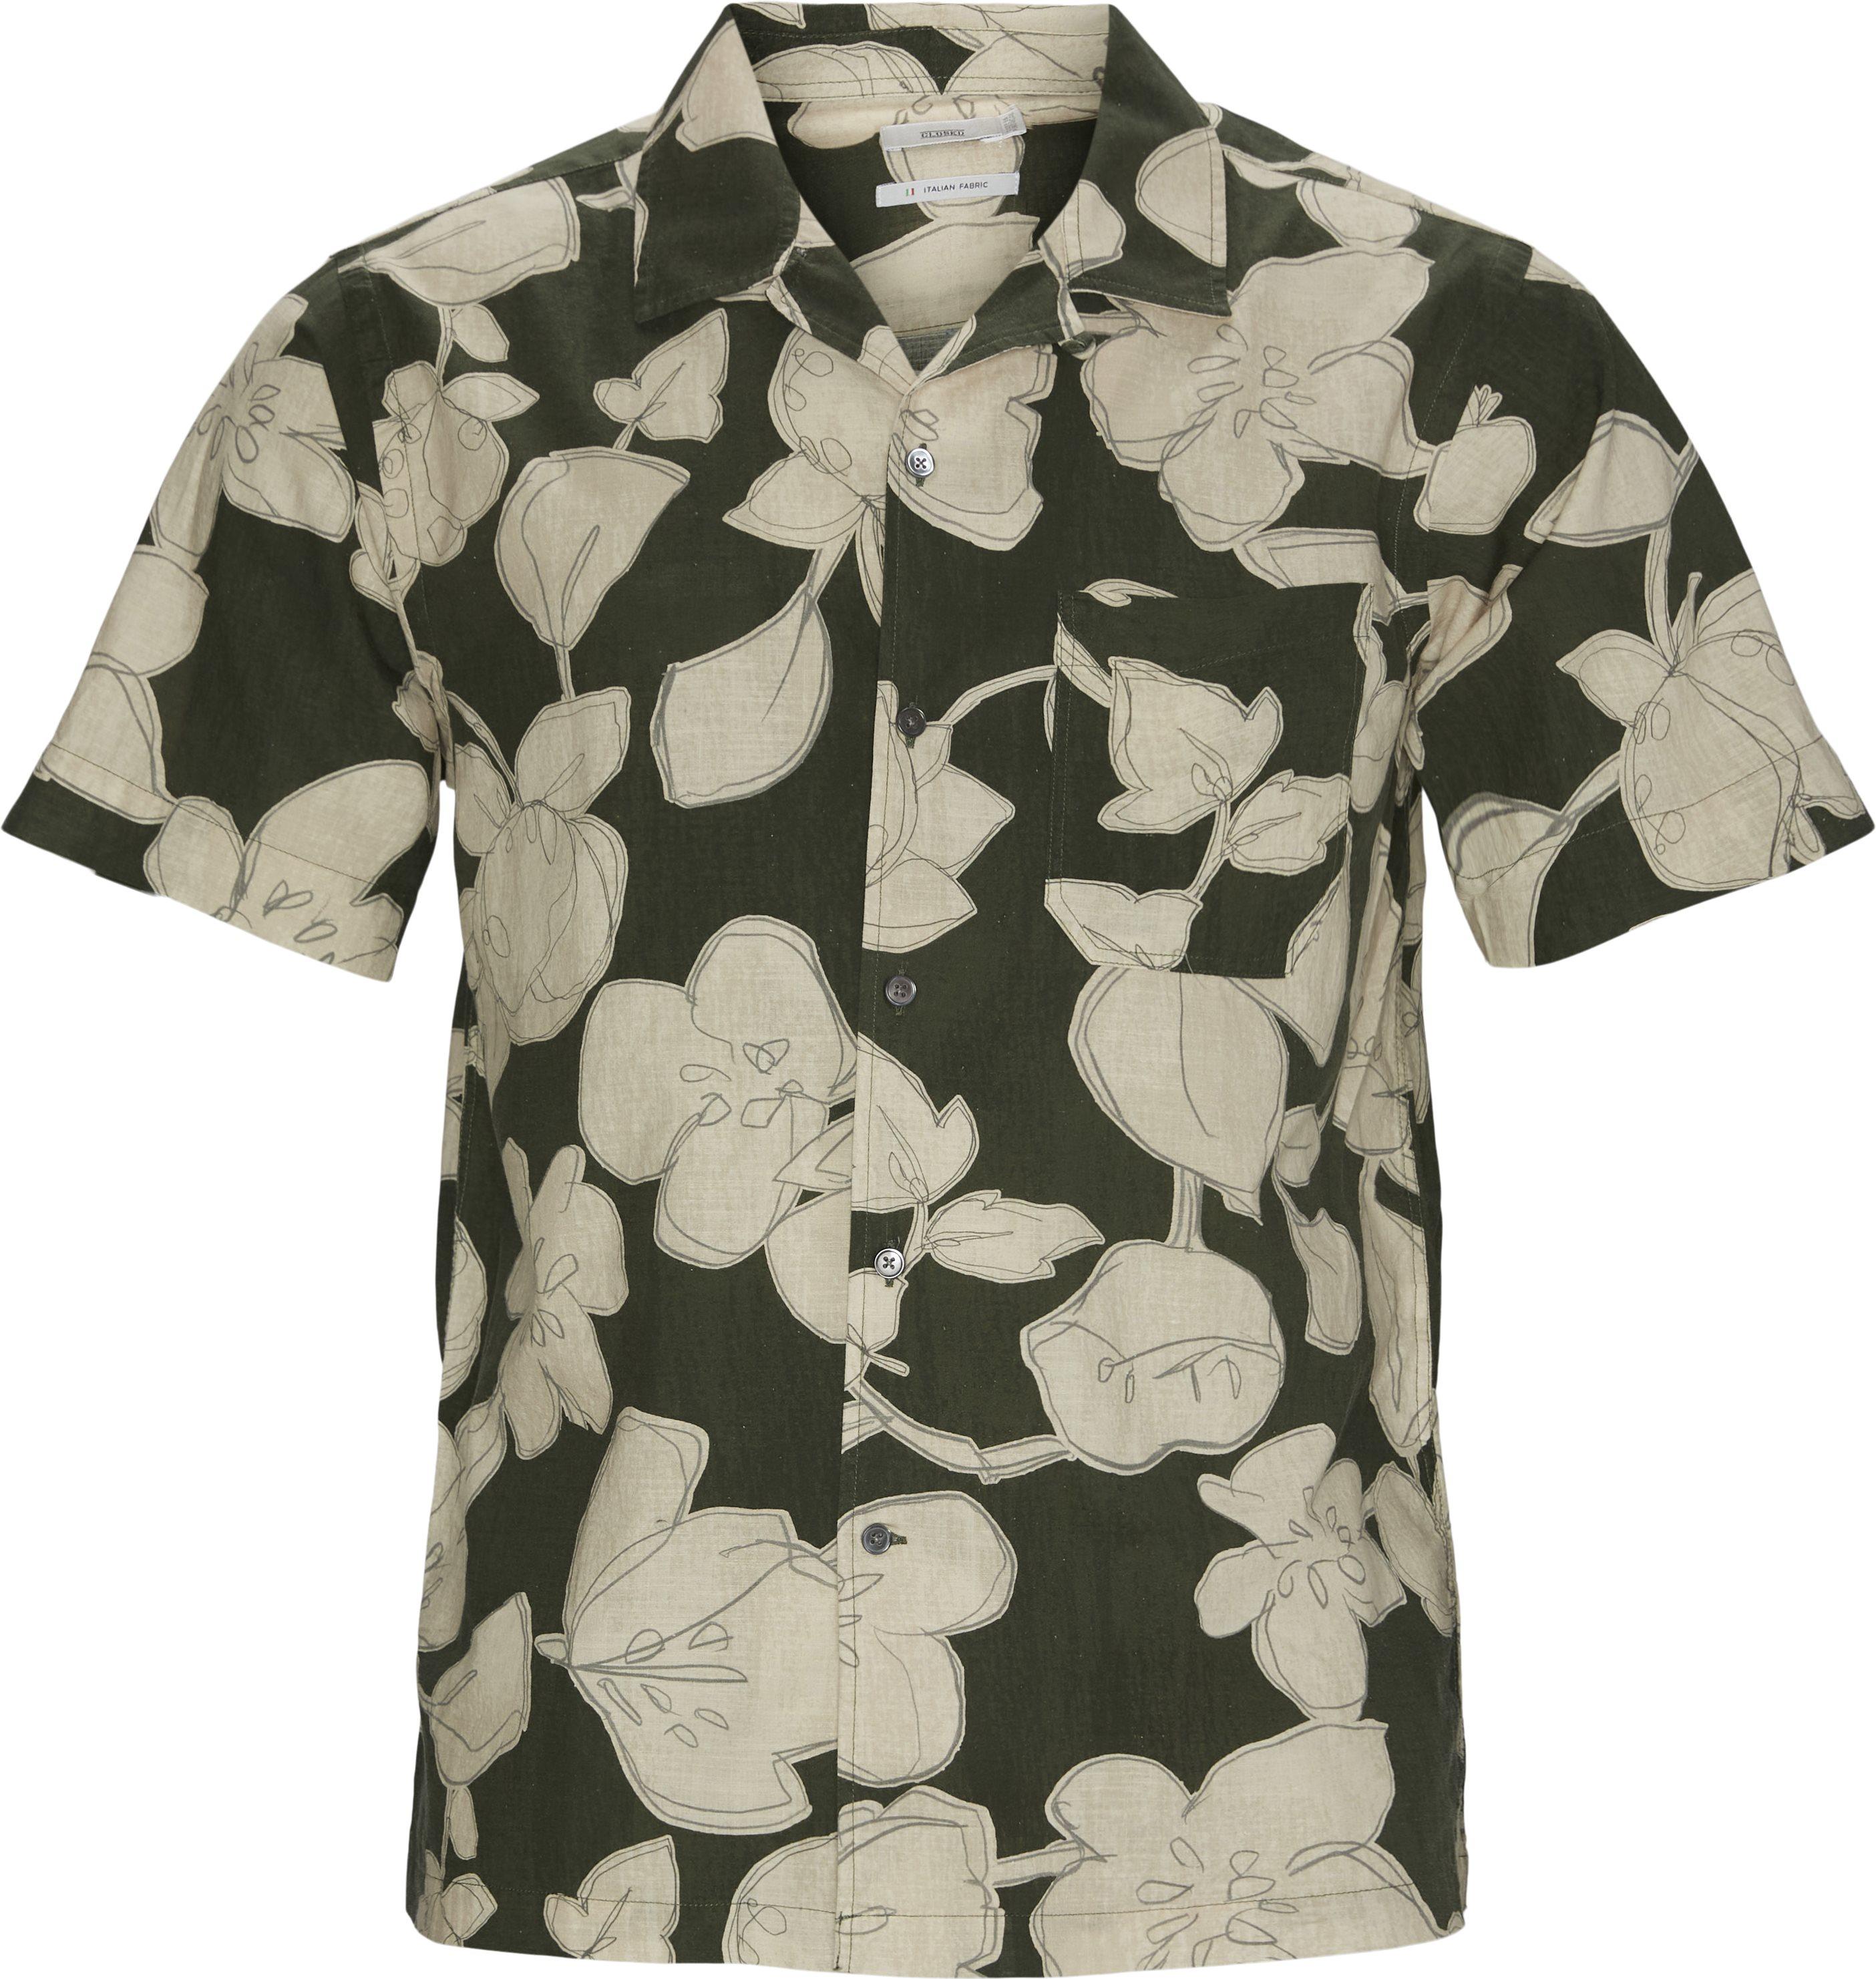 Short Sleeved Shirt - Kortærmede skjorter - Regular fit - Army